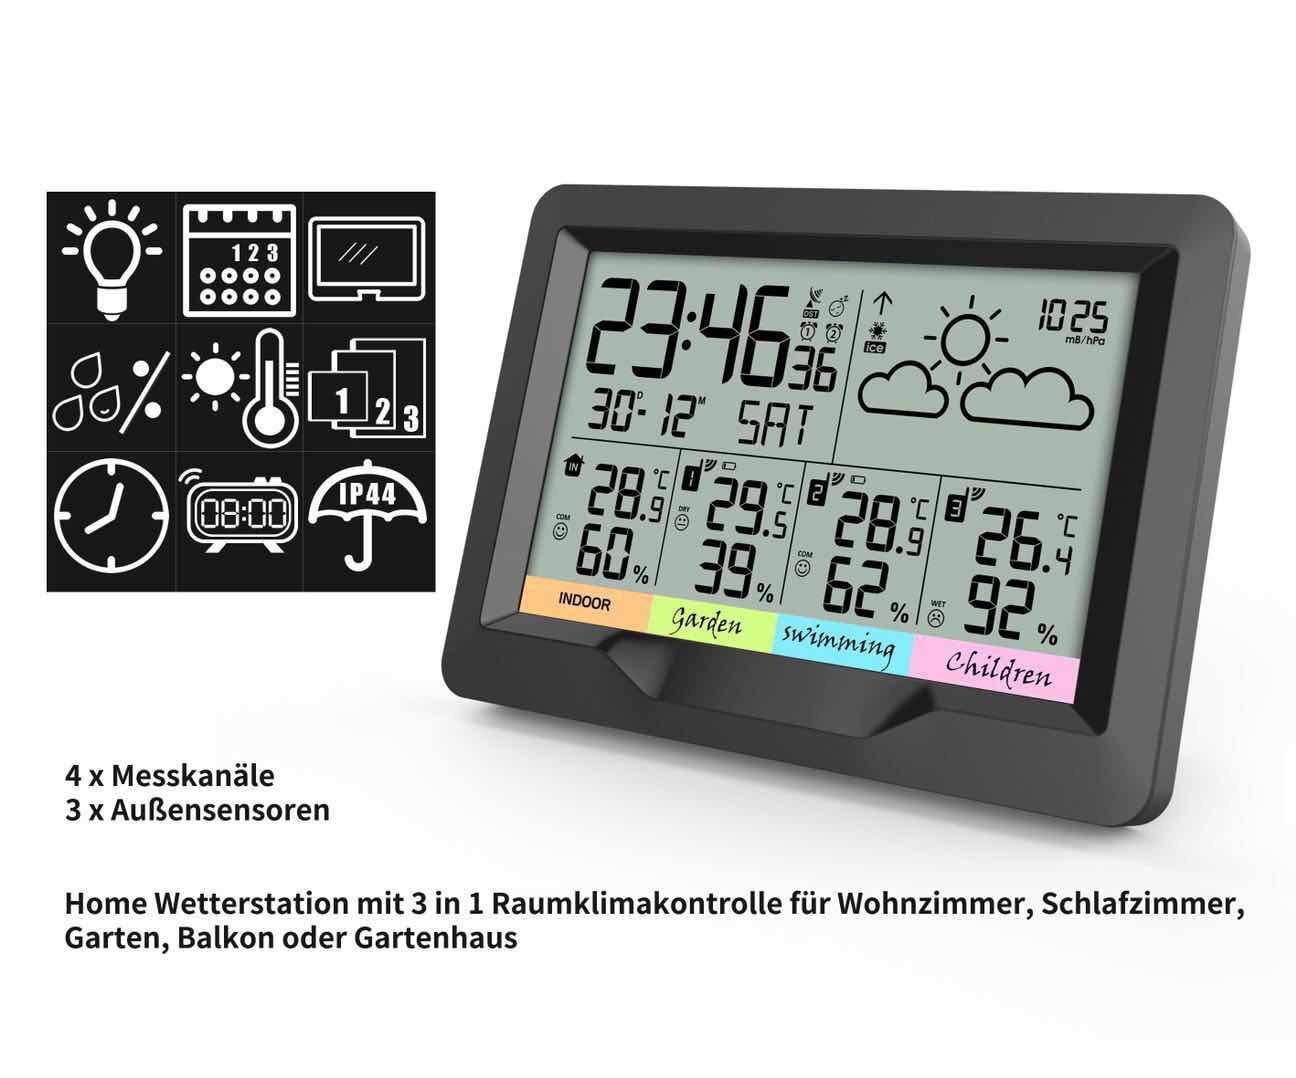 sensori Esterni Oule GmbH Misura Temperatura Interna ed Esterna e umidit/à dellAria igrometro termometro Stazione meteorologica Radio con 3 sensori Esterni